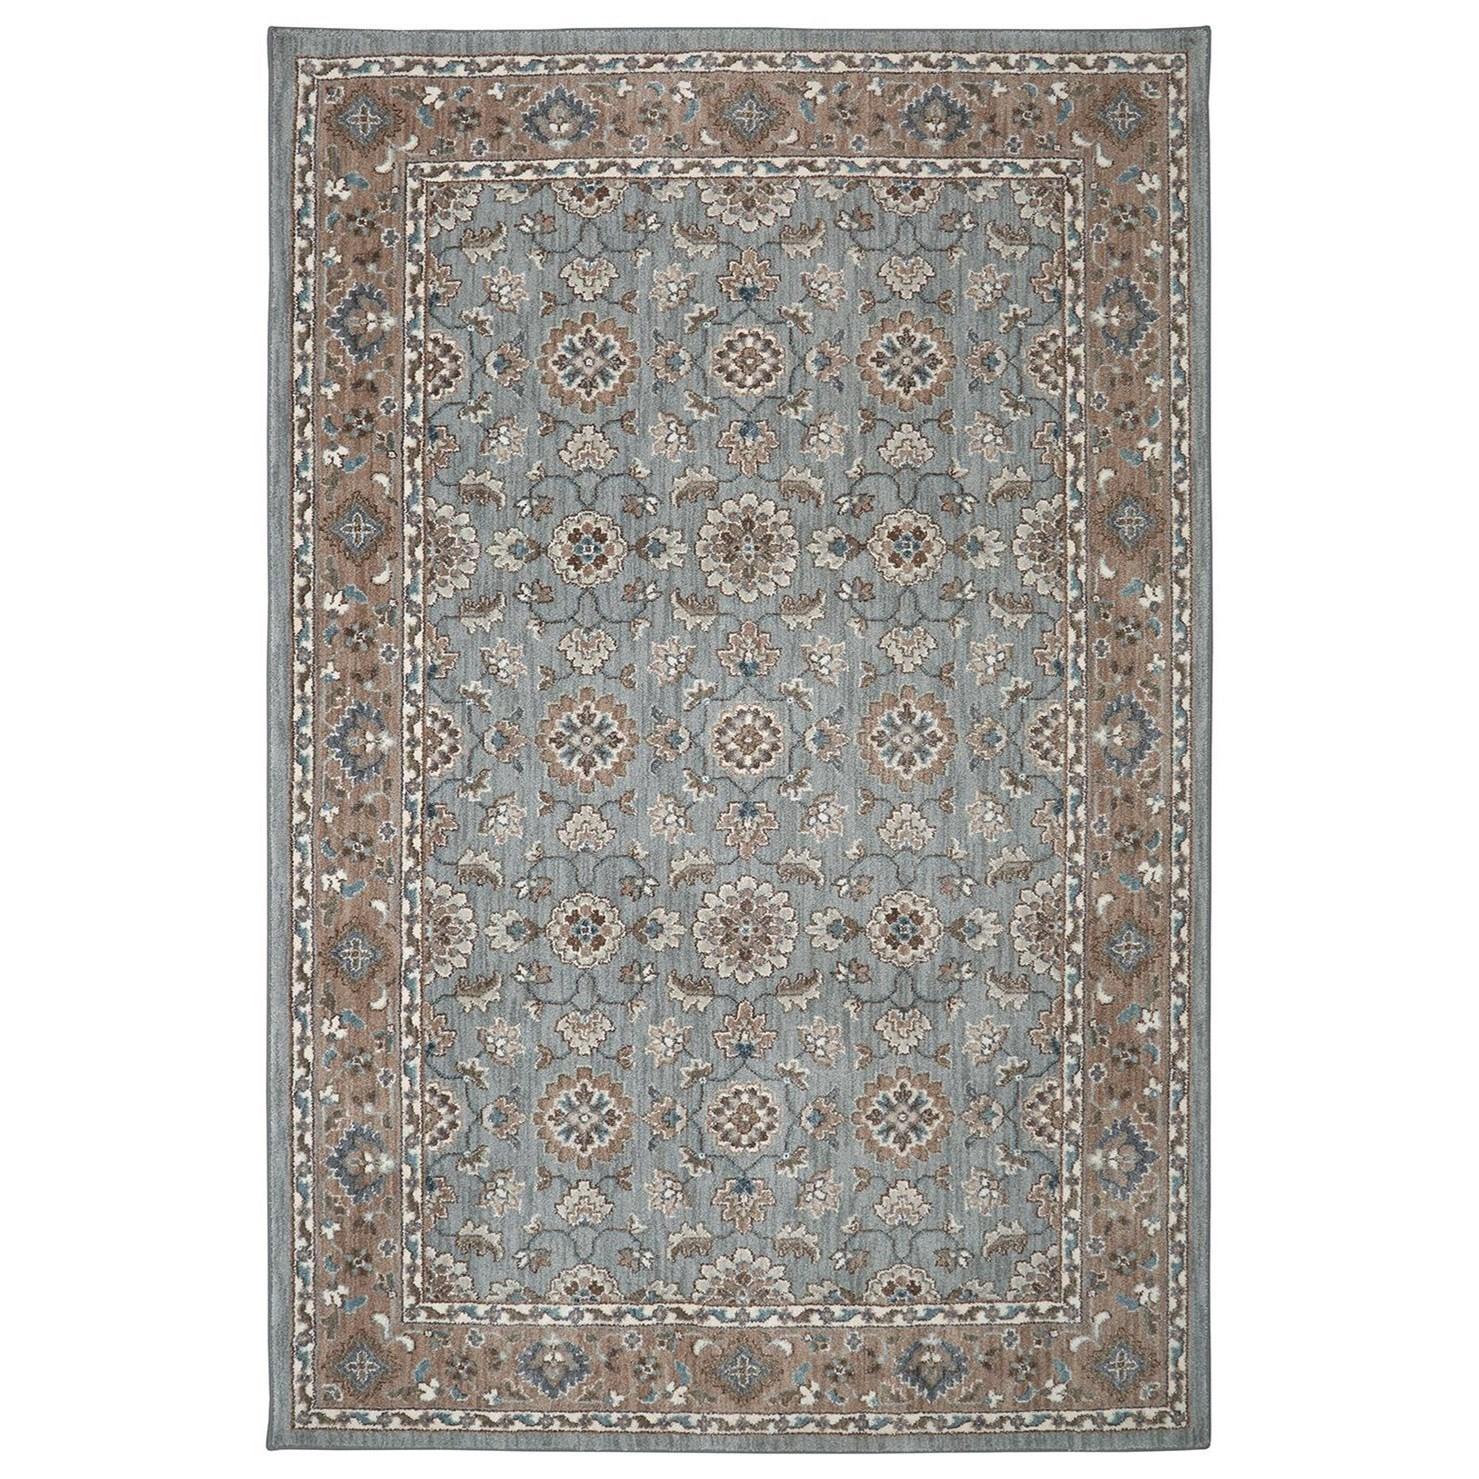 Karastan Rugs Euphoria 8'x11' Leinster Willow Grey Rug - Item Number: 90641 90075 096132